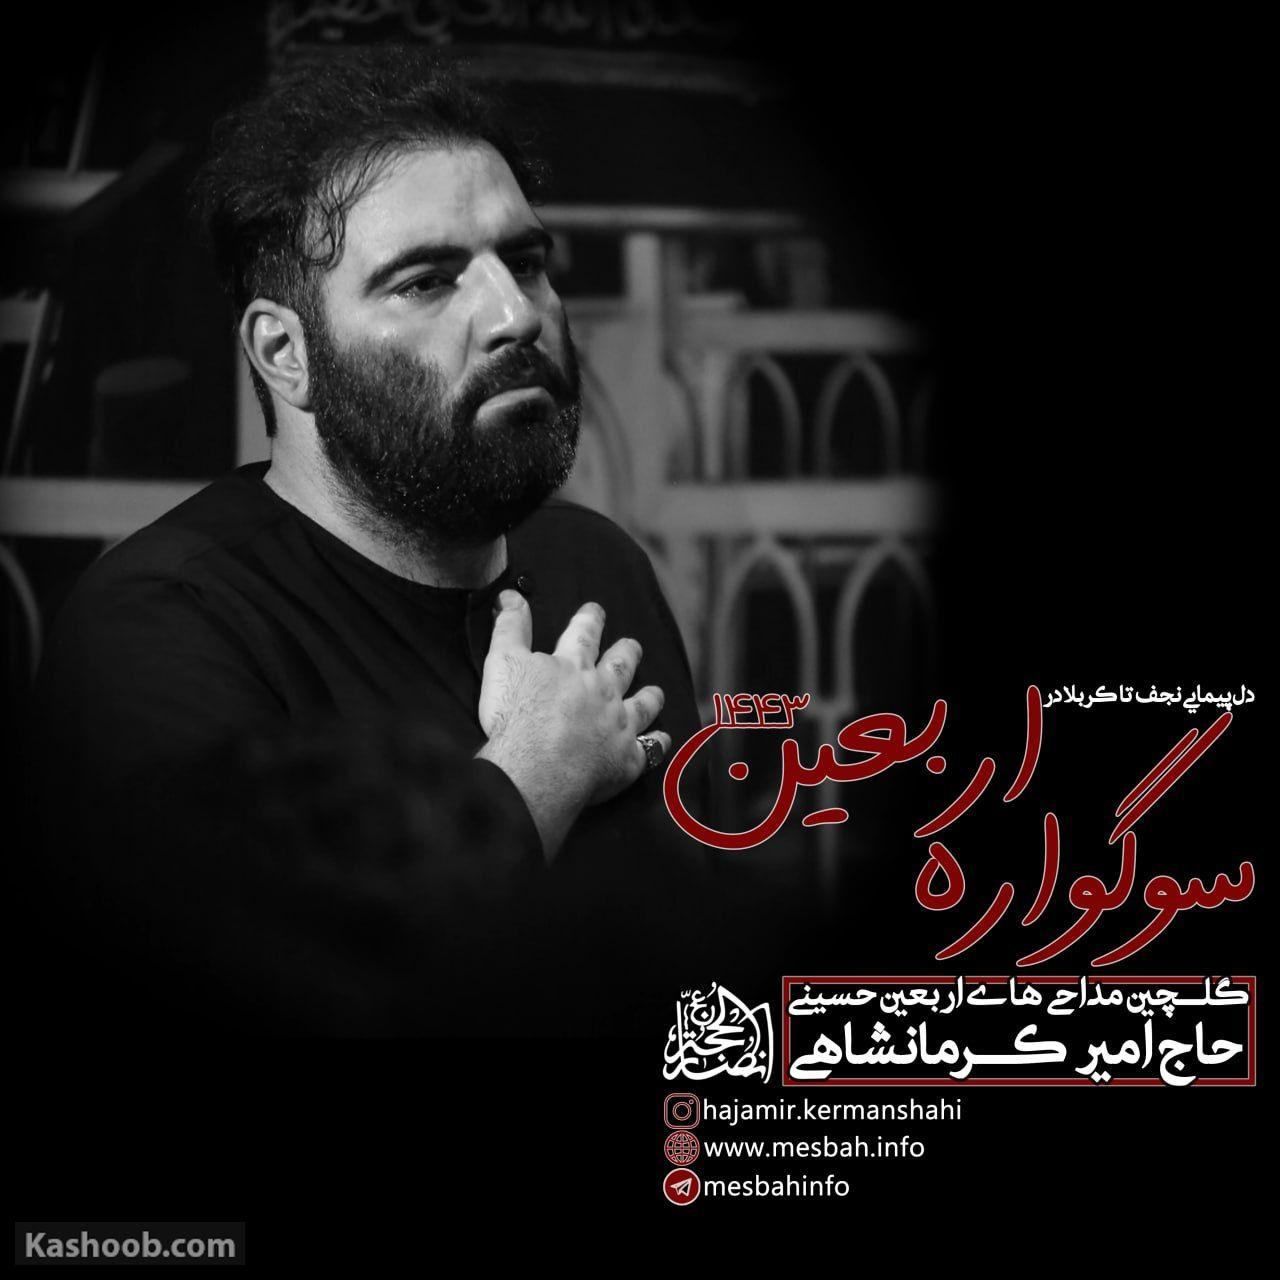 امیر کرمانشاهی اربعین حسینی